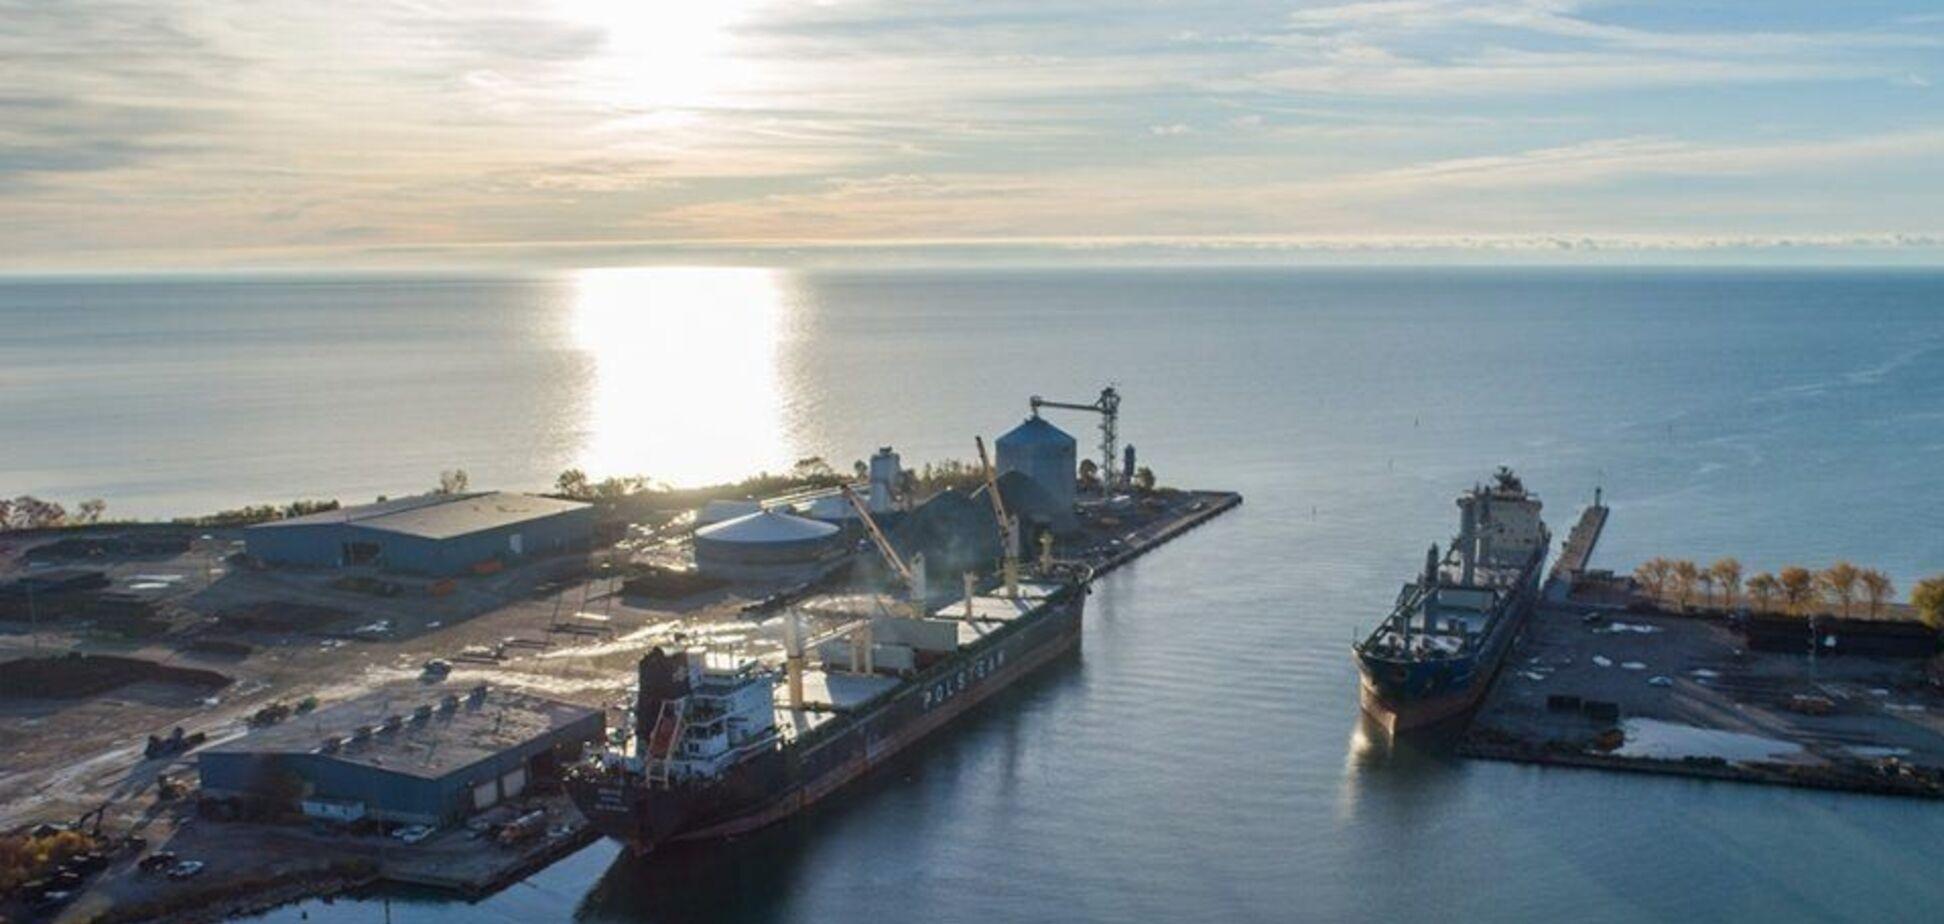 Государственная ОГХК отправила продукцию в Крым, – 'Миротворец'